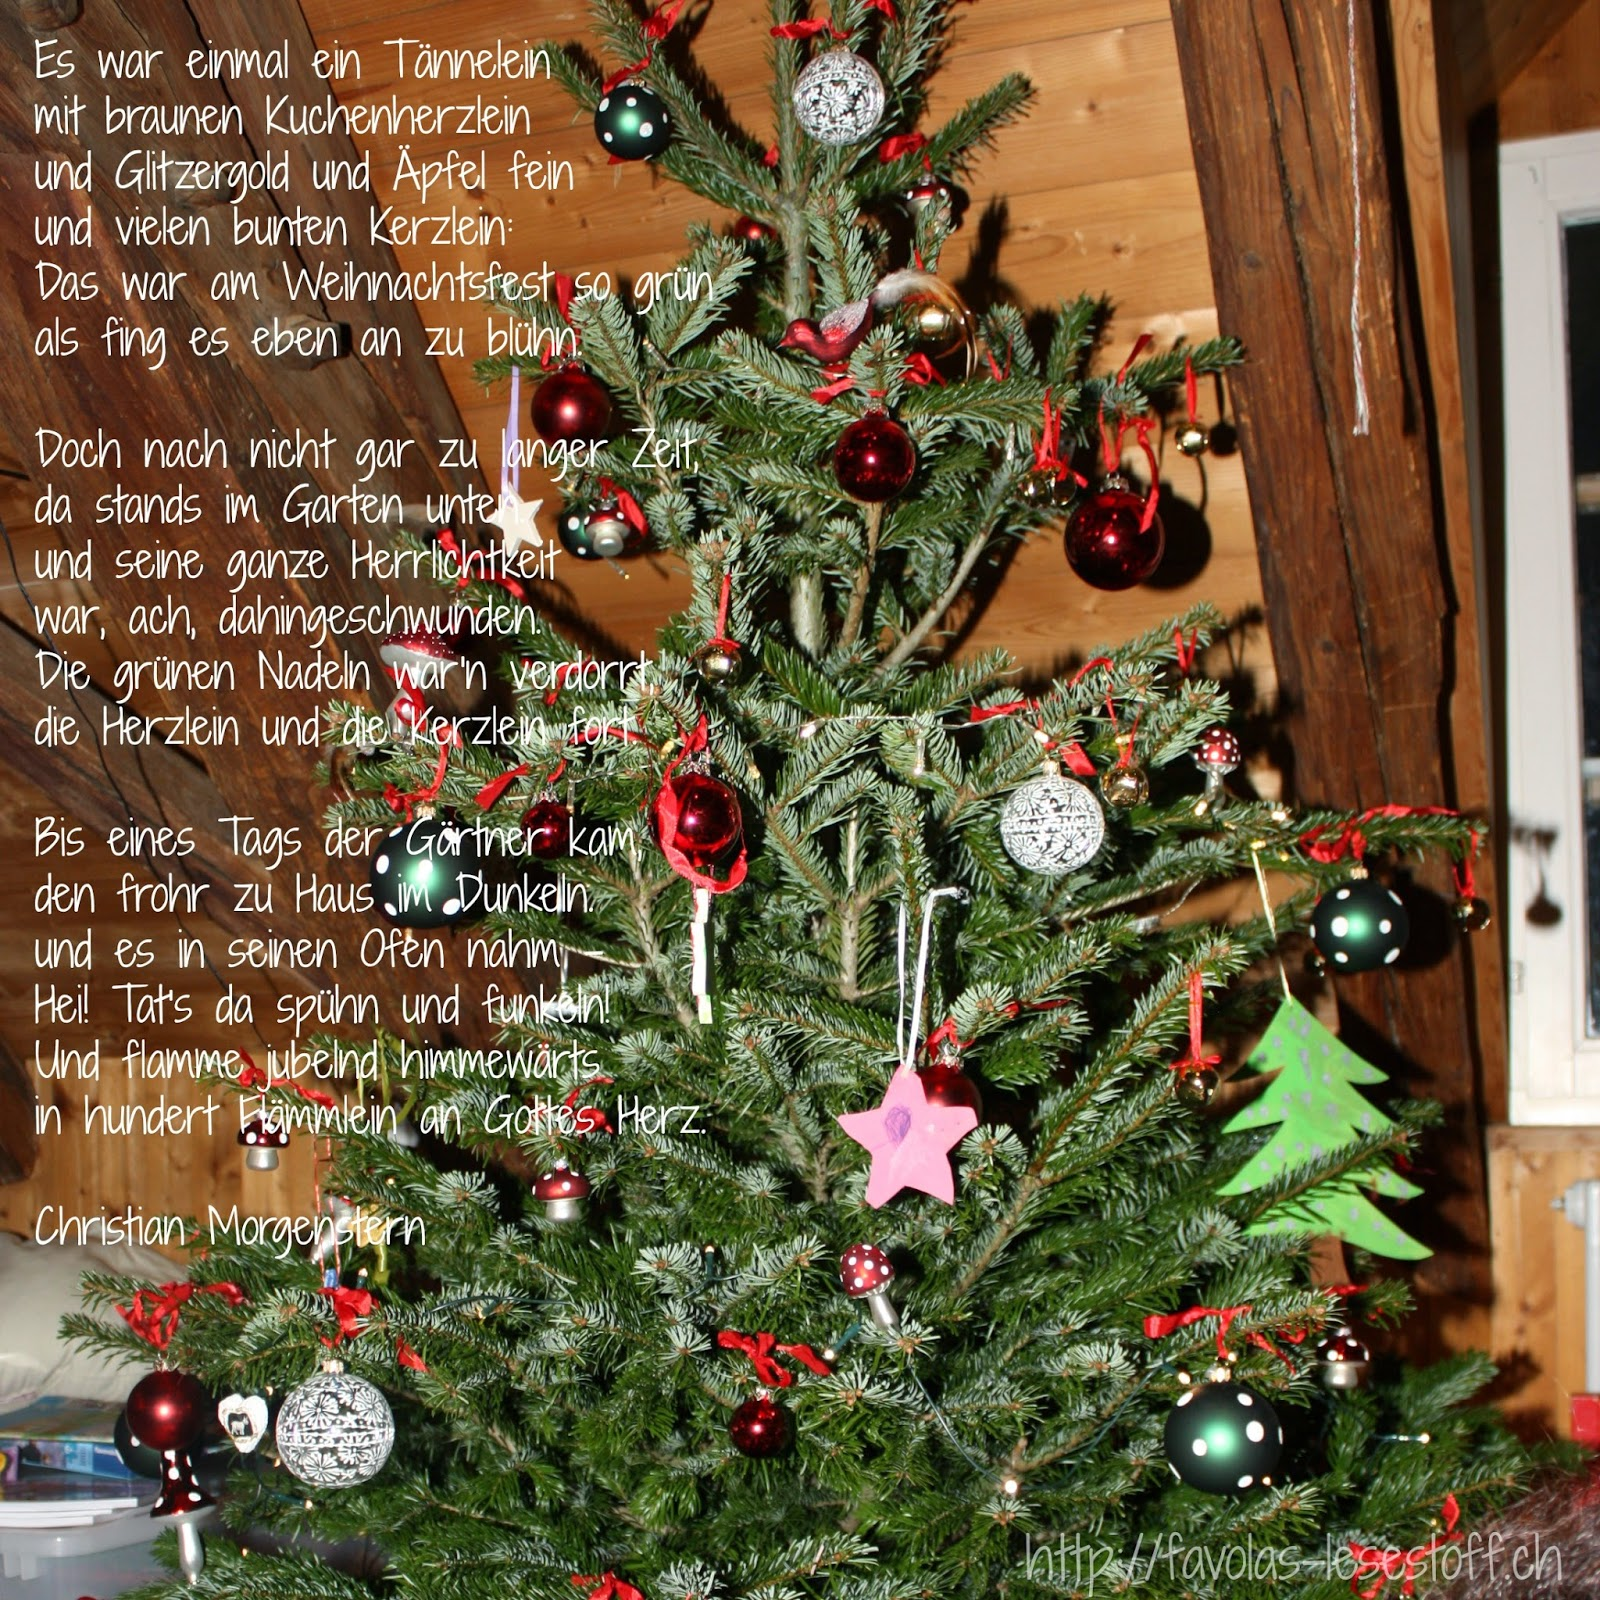 Wünsche Dir Schöne Weihnachten